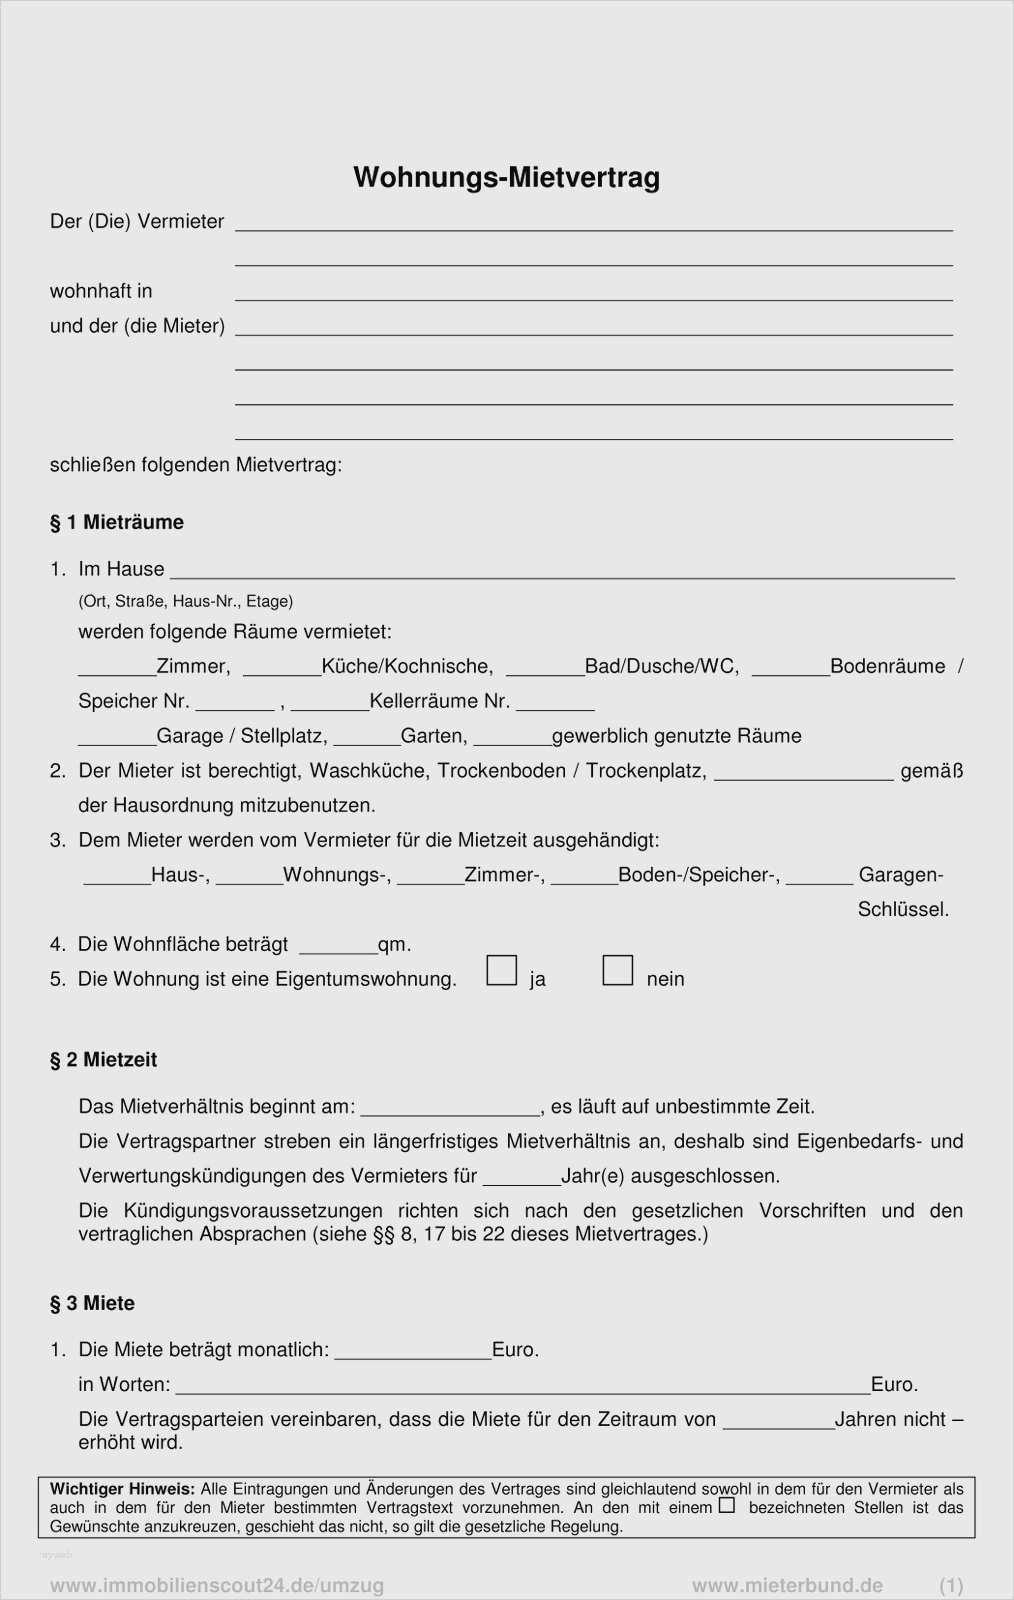 Wunderbar Neu De Kundigen Vorlage Abbildung Vorlagen Vorlagen Word Lebenslauf Vorlagen Word